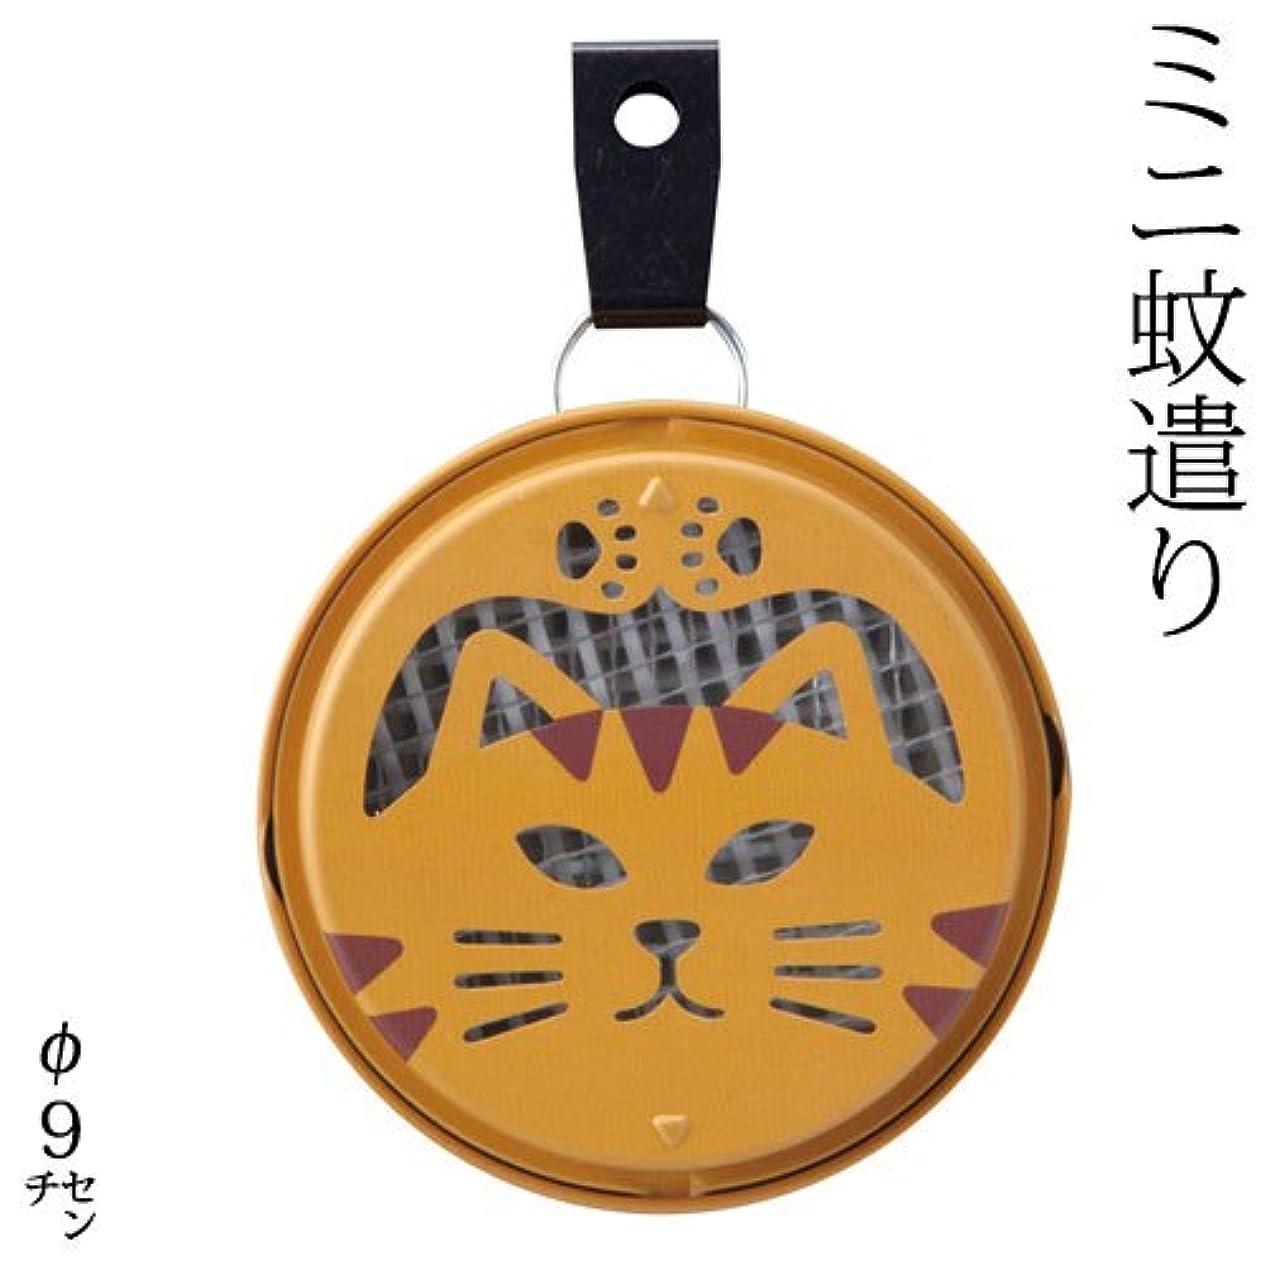 カポッククマノミ祖先DECOLEポータブルミニ蚊遣りトラ猫 (SK-87513)吊り下げ?床置き対応Portable mini Kayari